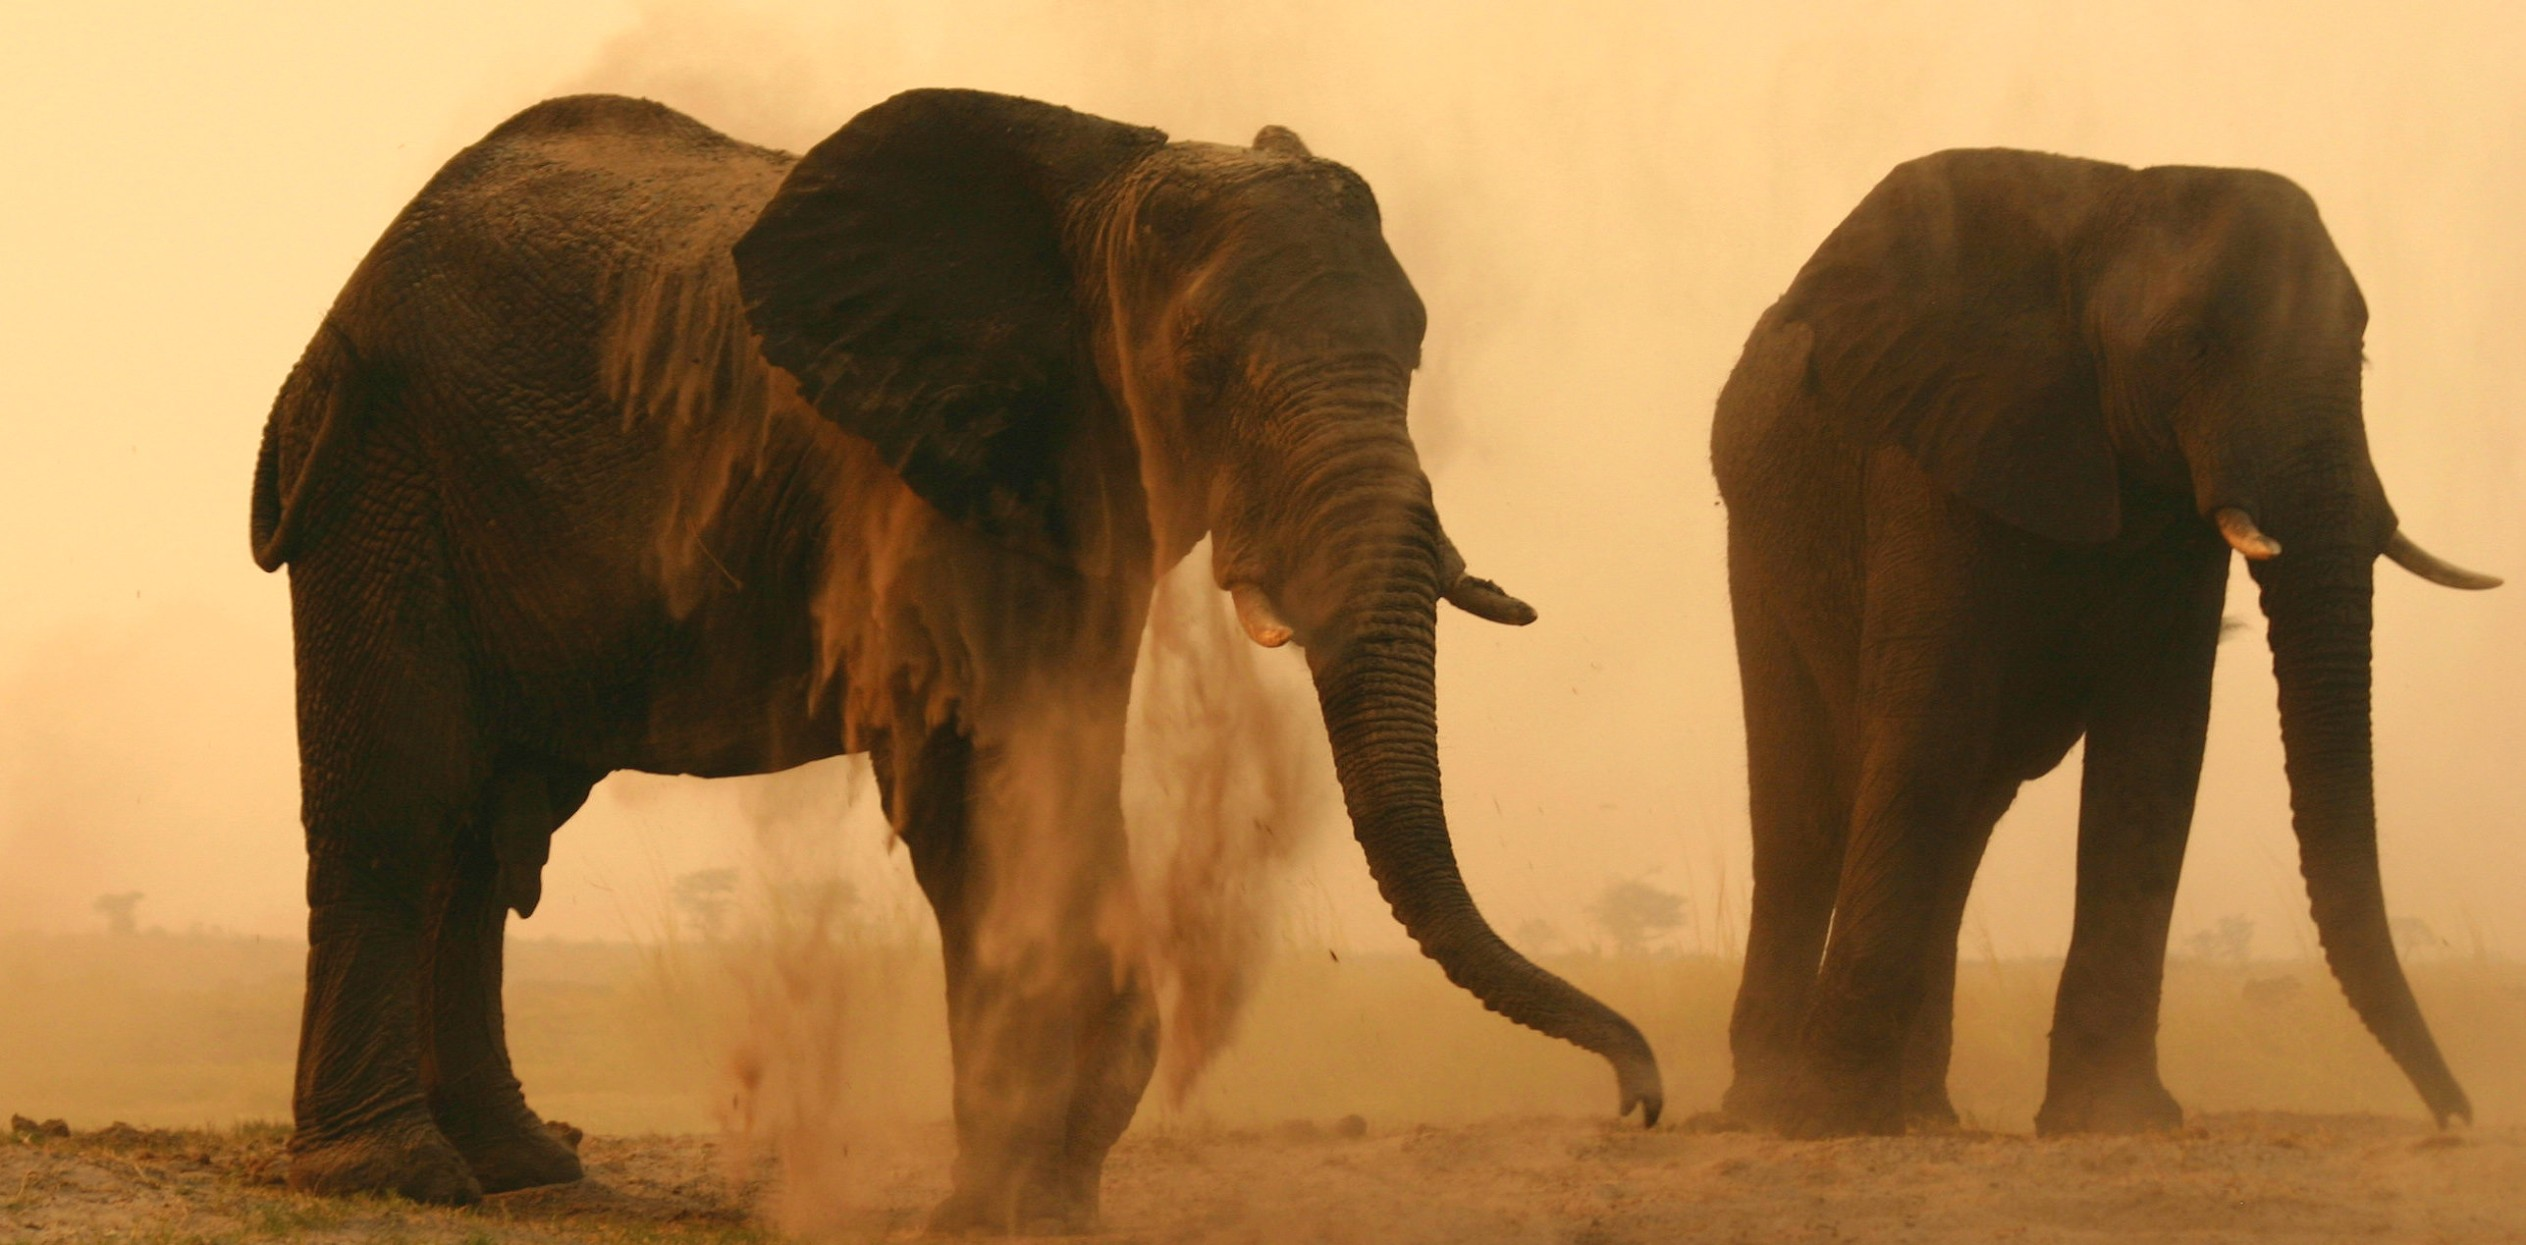 NAMIBIA EXPLORATION